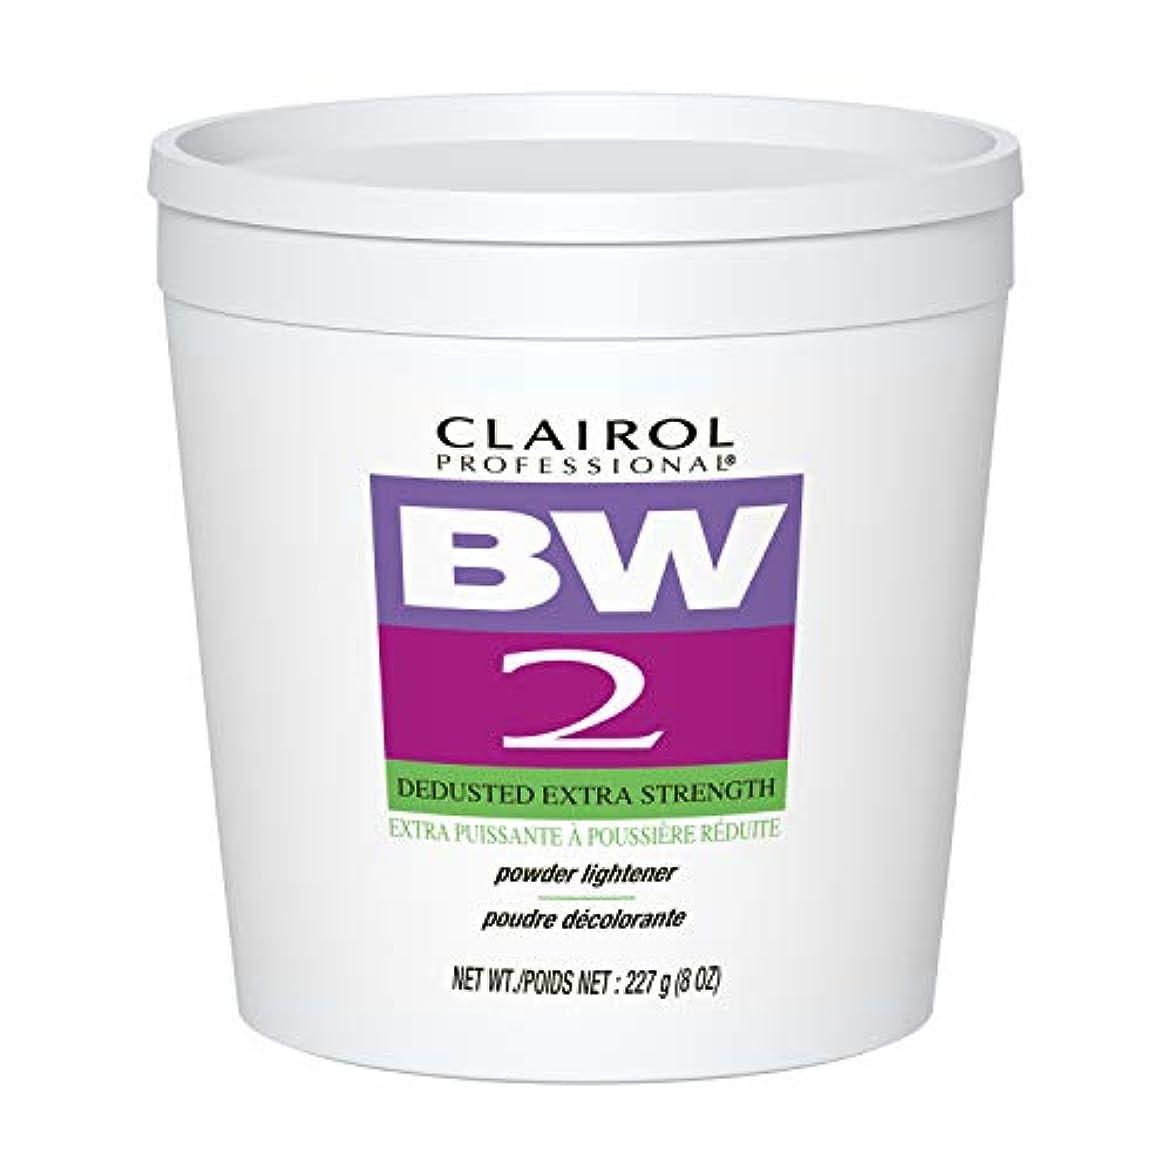 検査官化学薬品決してClairol BW2パウダーライトナー、8オンス